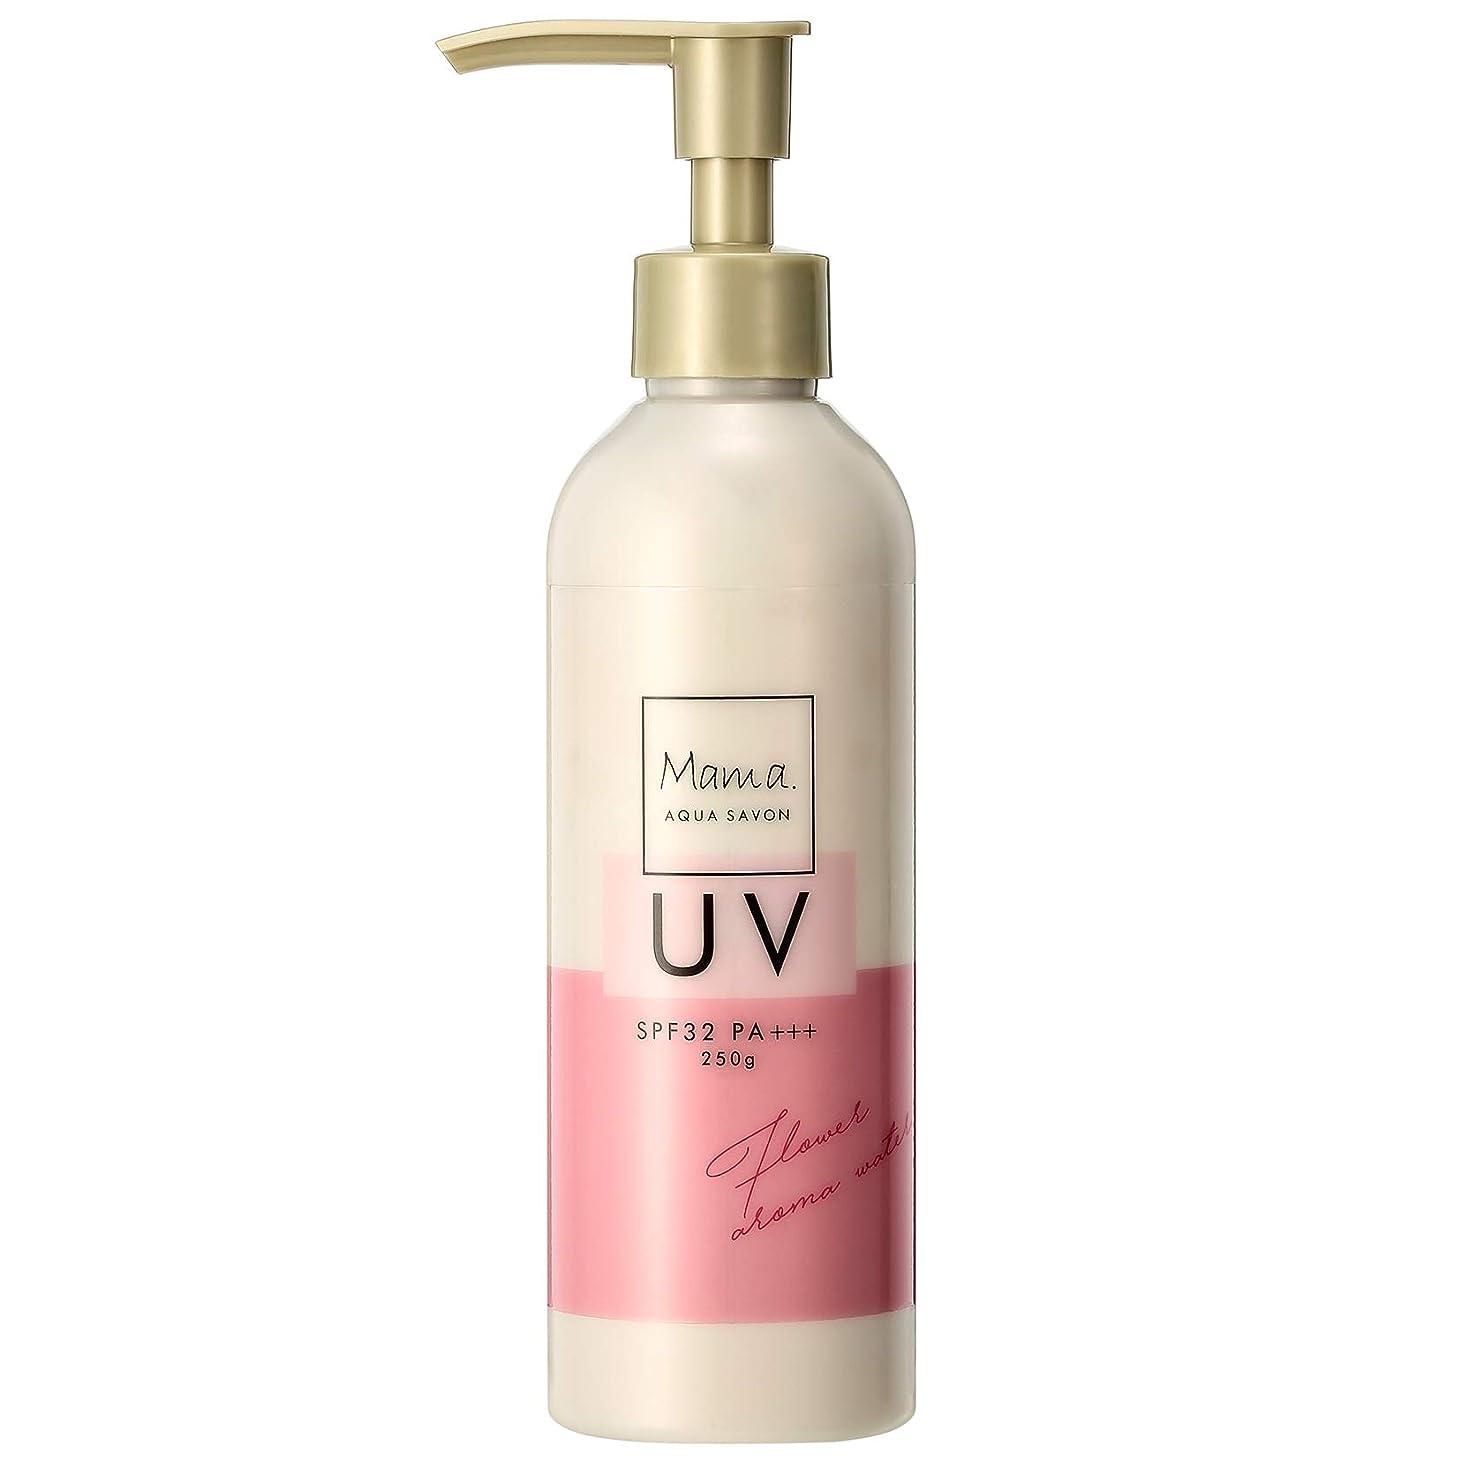 プラグ間違いなくビーチママアクアシャボン UVモイストジェル フラワーアロマウォーターの香り 19S 250g